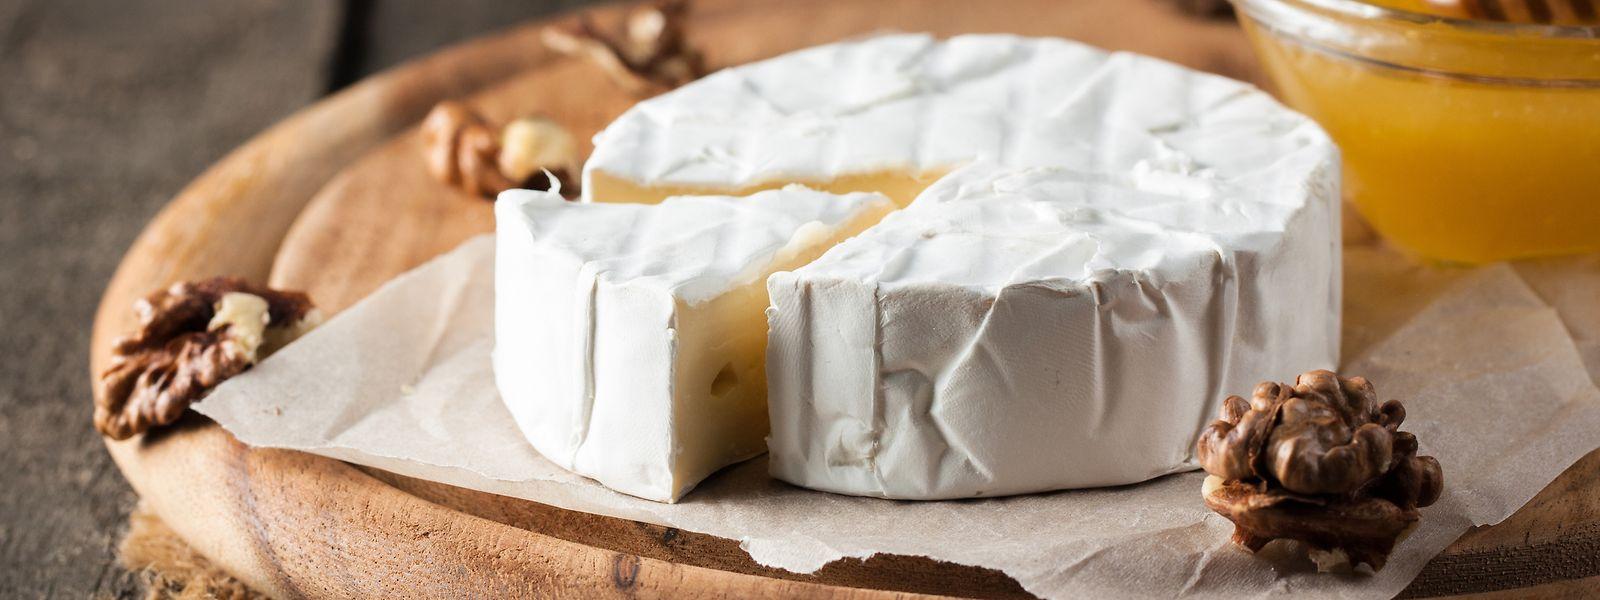 Der Genuss von Brie wurde einigen Schweizern zum Verhängnis.